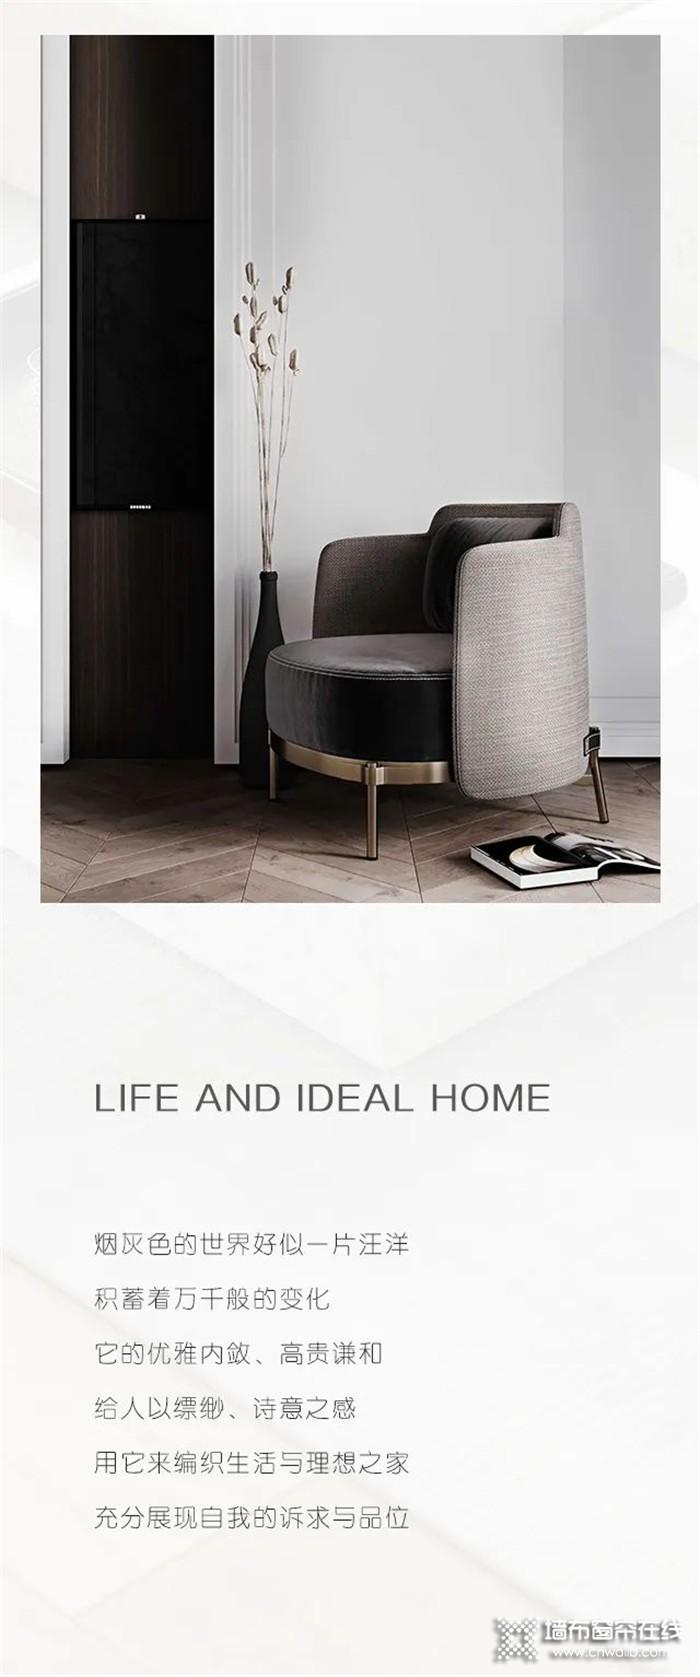 雅诗澜的减法生活 当淡雅烟灰色,遇上唯美软装空间